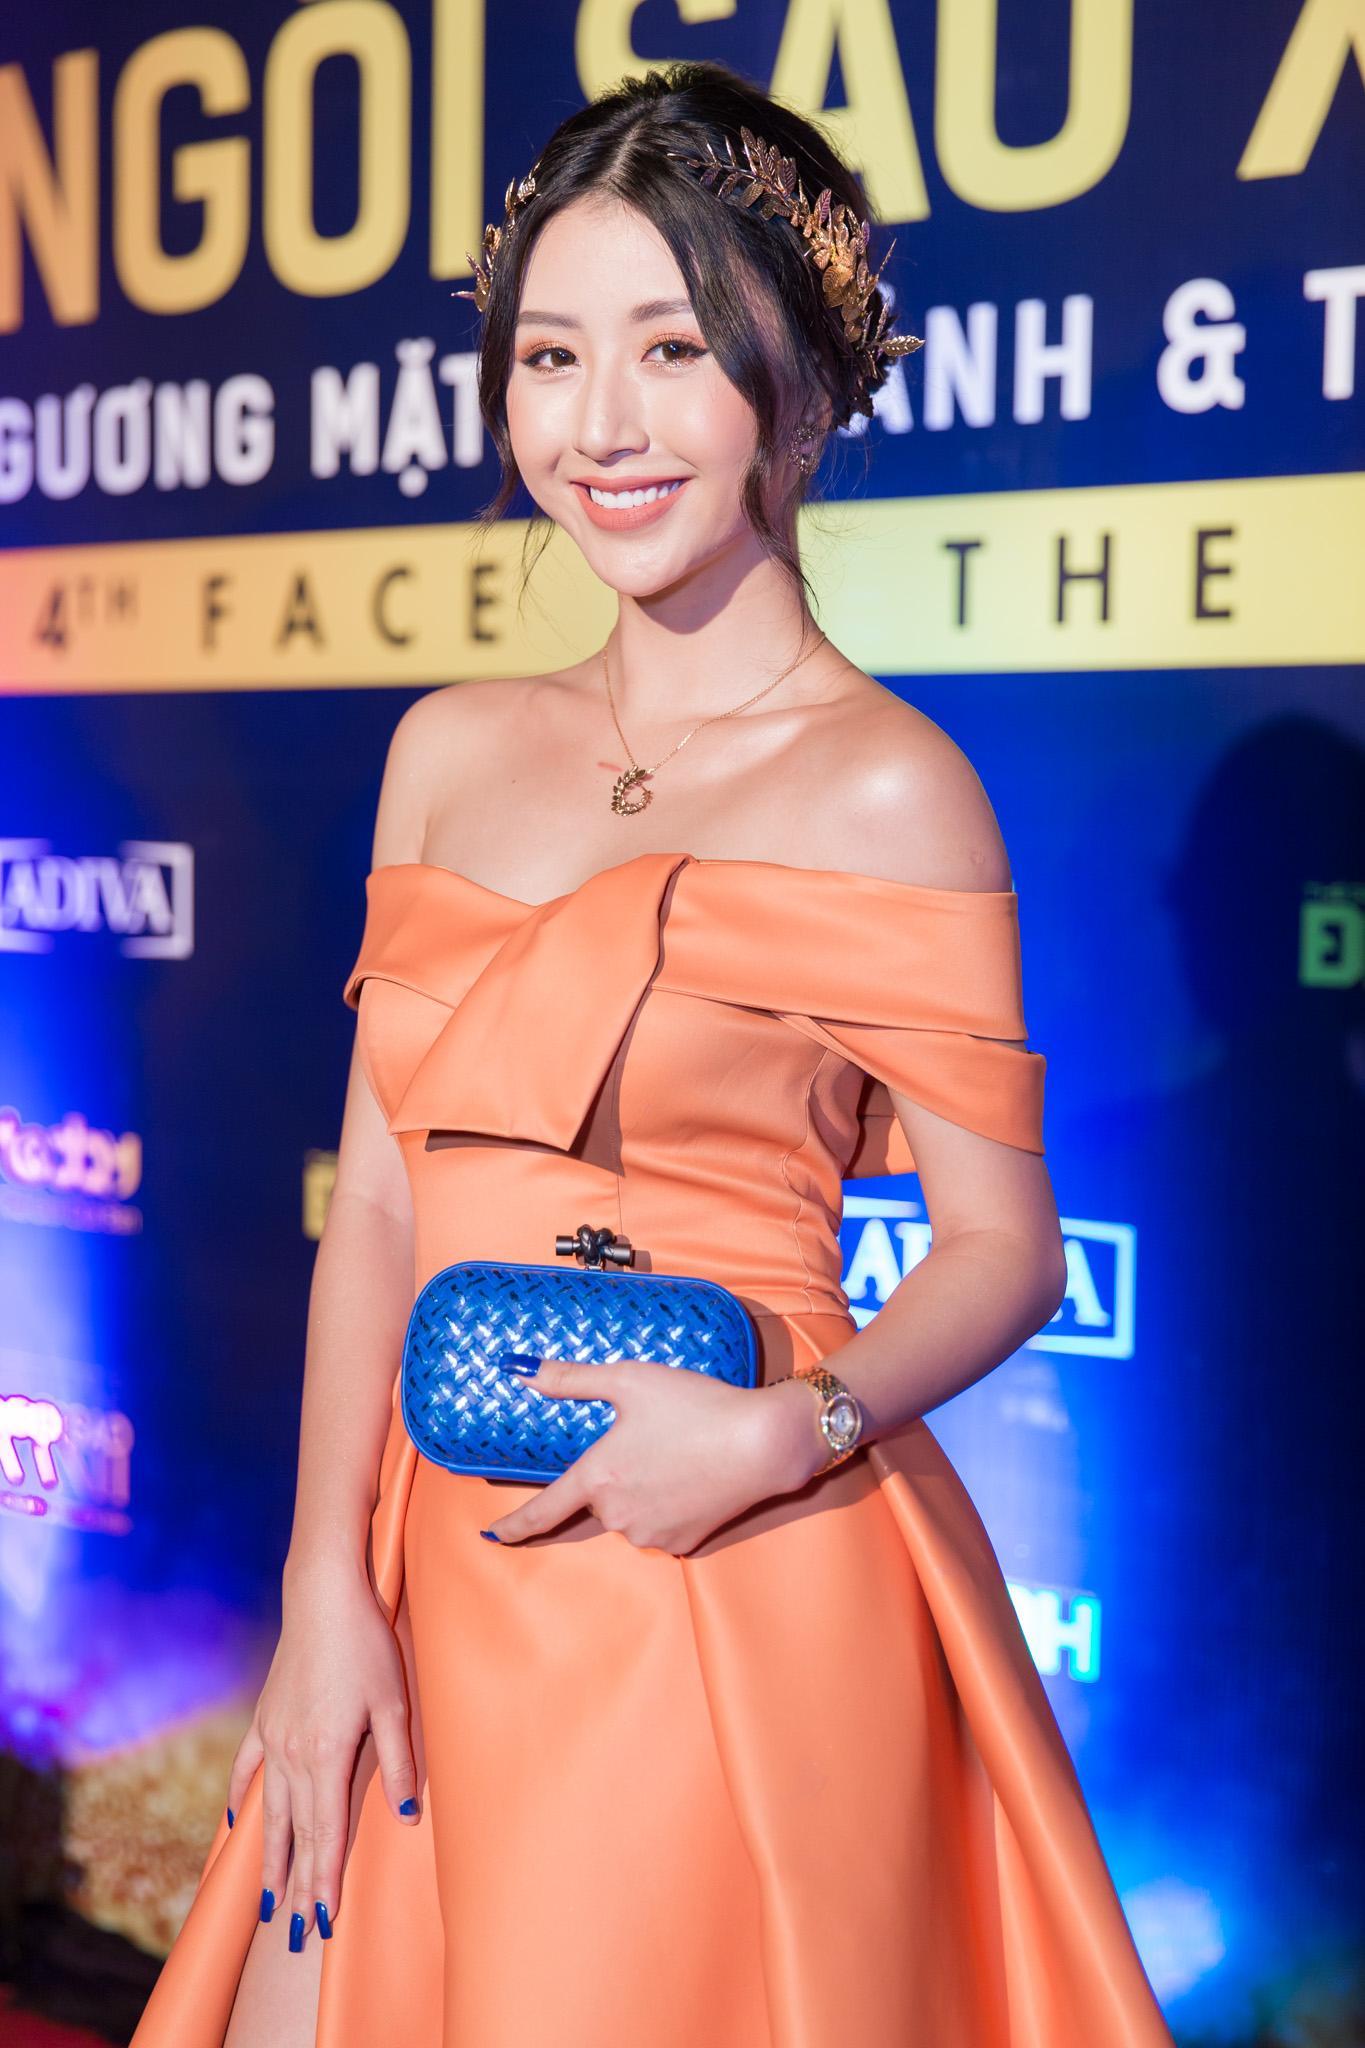 Hoa hậu HHen Niê đọ sắc cùng Hoàng Thùy và Mâu Thủy trên thảm đỏ Ngôi sao xanh-6